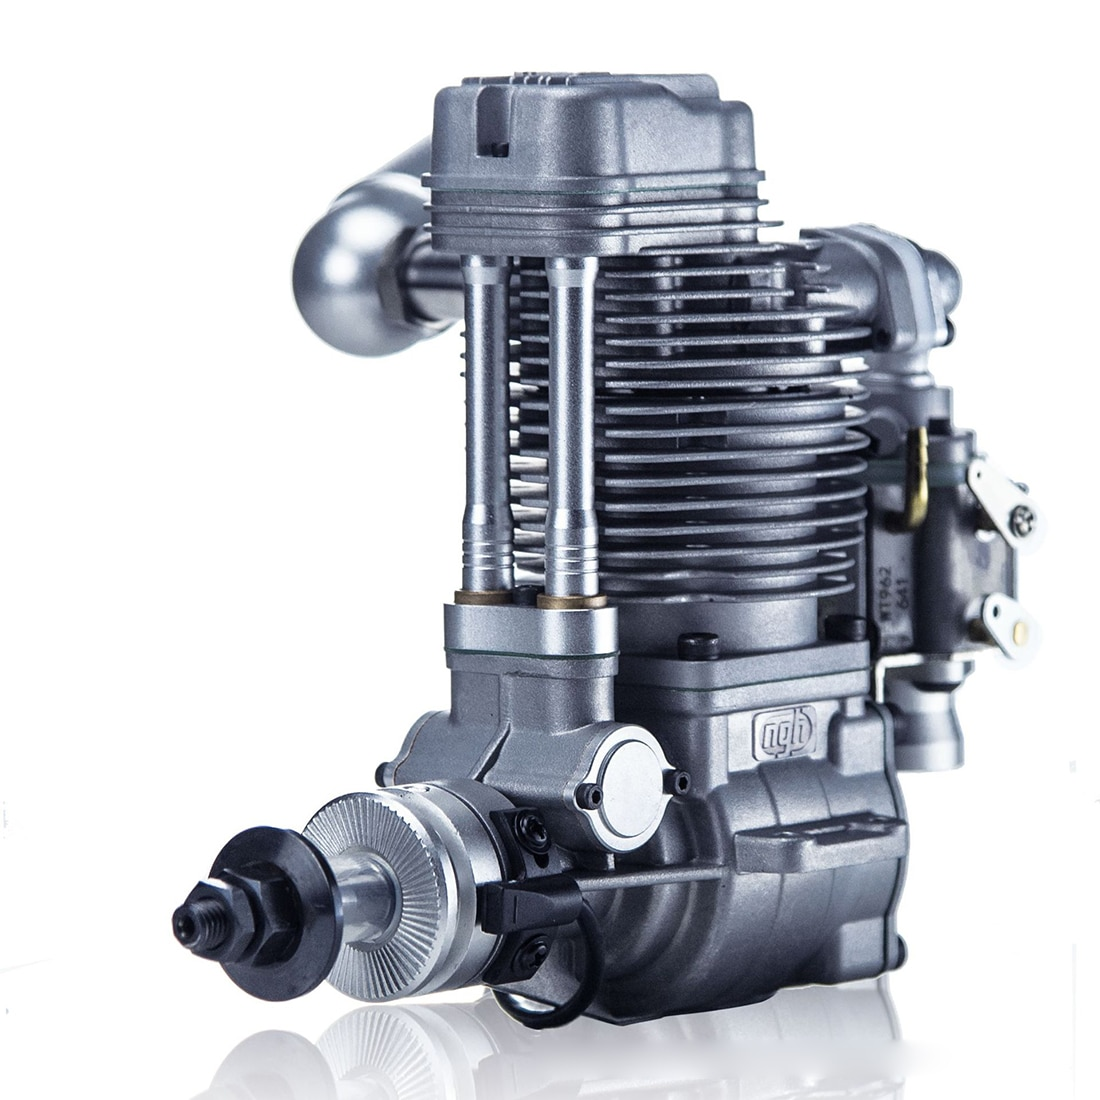 Motor de gasolina NFSTRIKE Ngh GF30 de 30cc de un solo cilindro y cuatro tiempos refrigerado por aire para accesorios de motor de Drone de ala fija